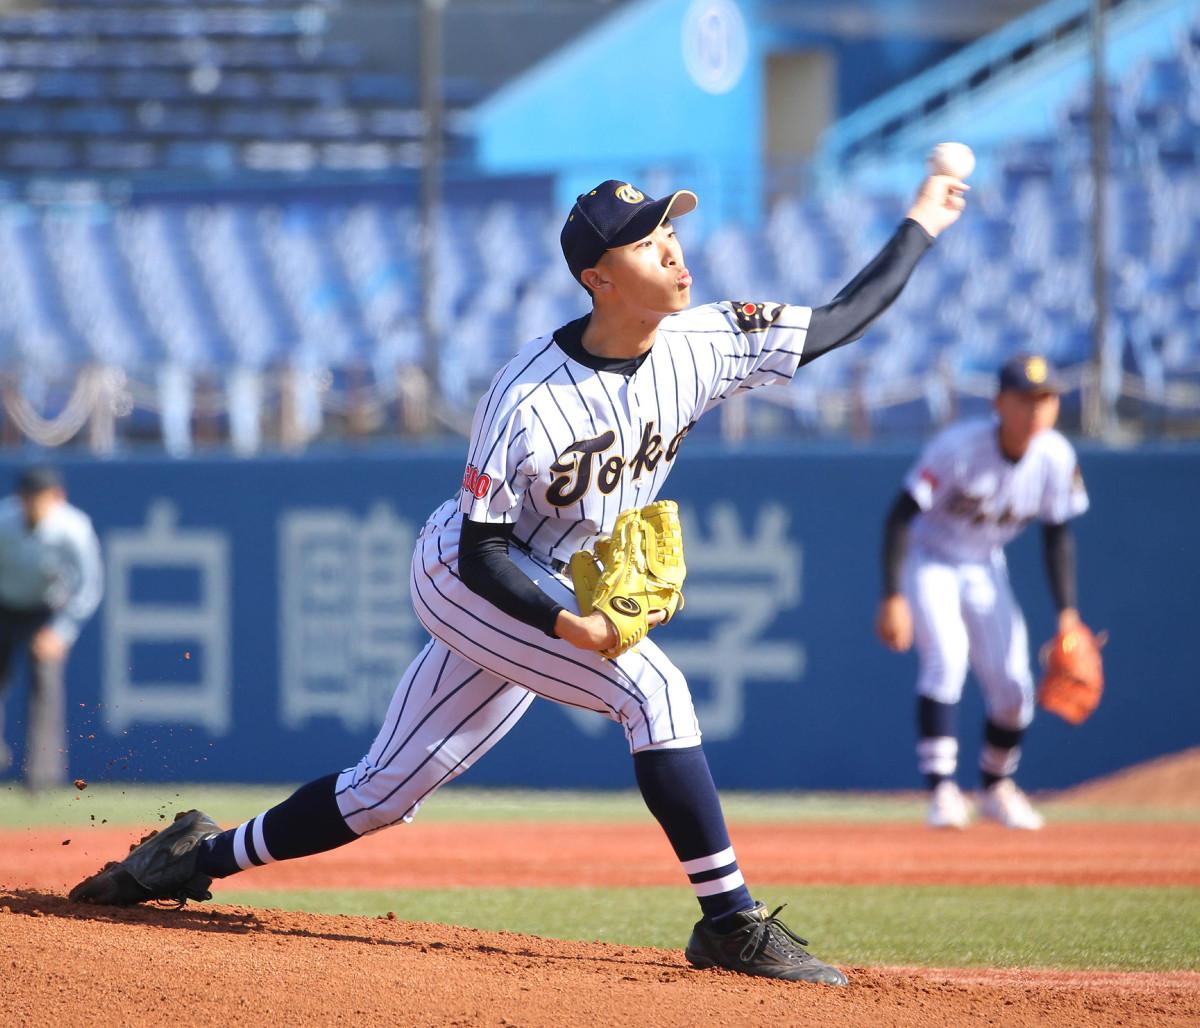 決勝戦で先発した東海大菅生の本田は、7回を1失点に抑えた(カメラ・泉 貫太)